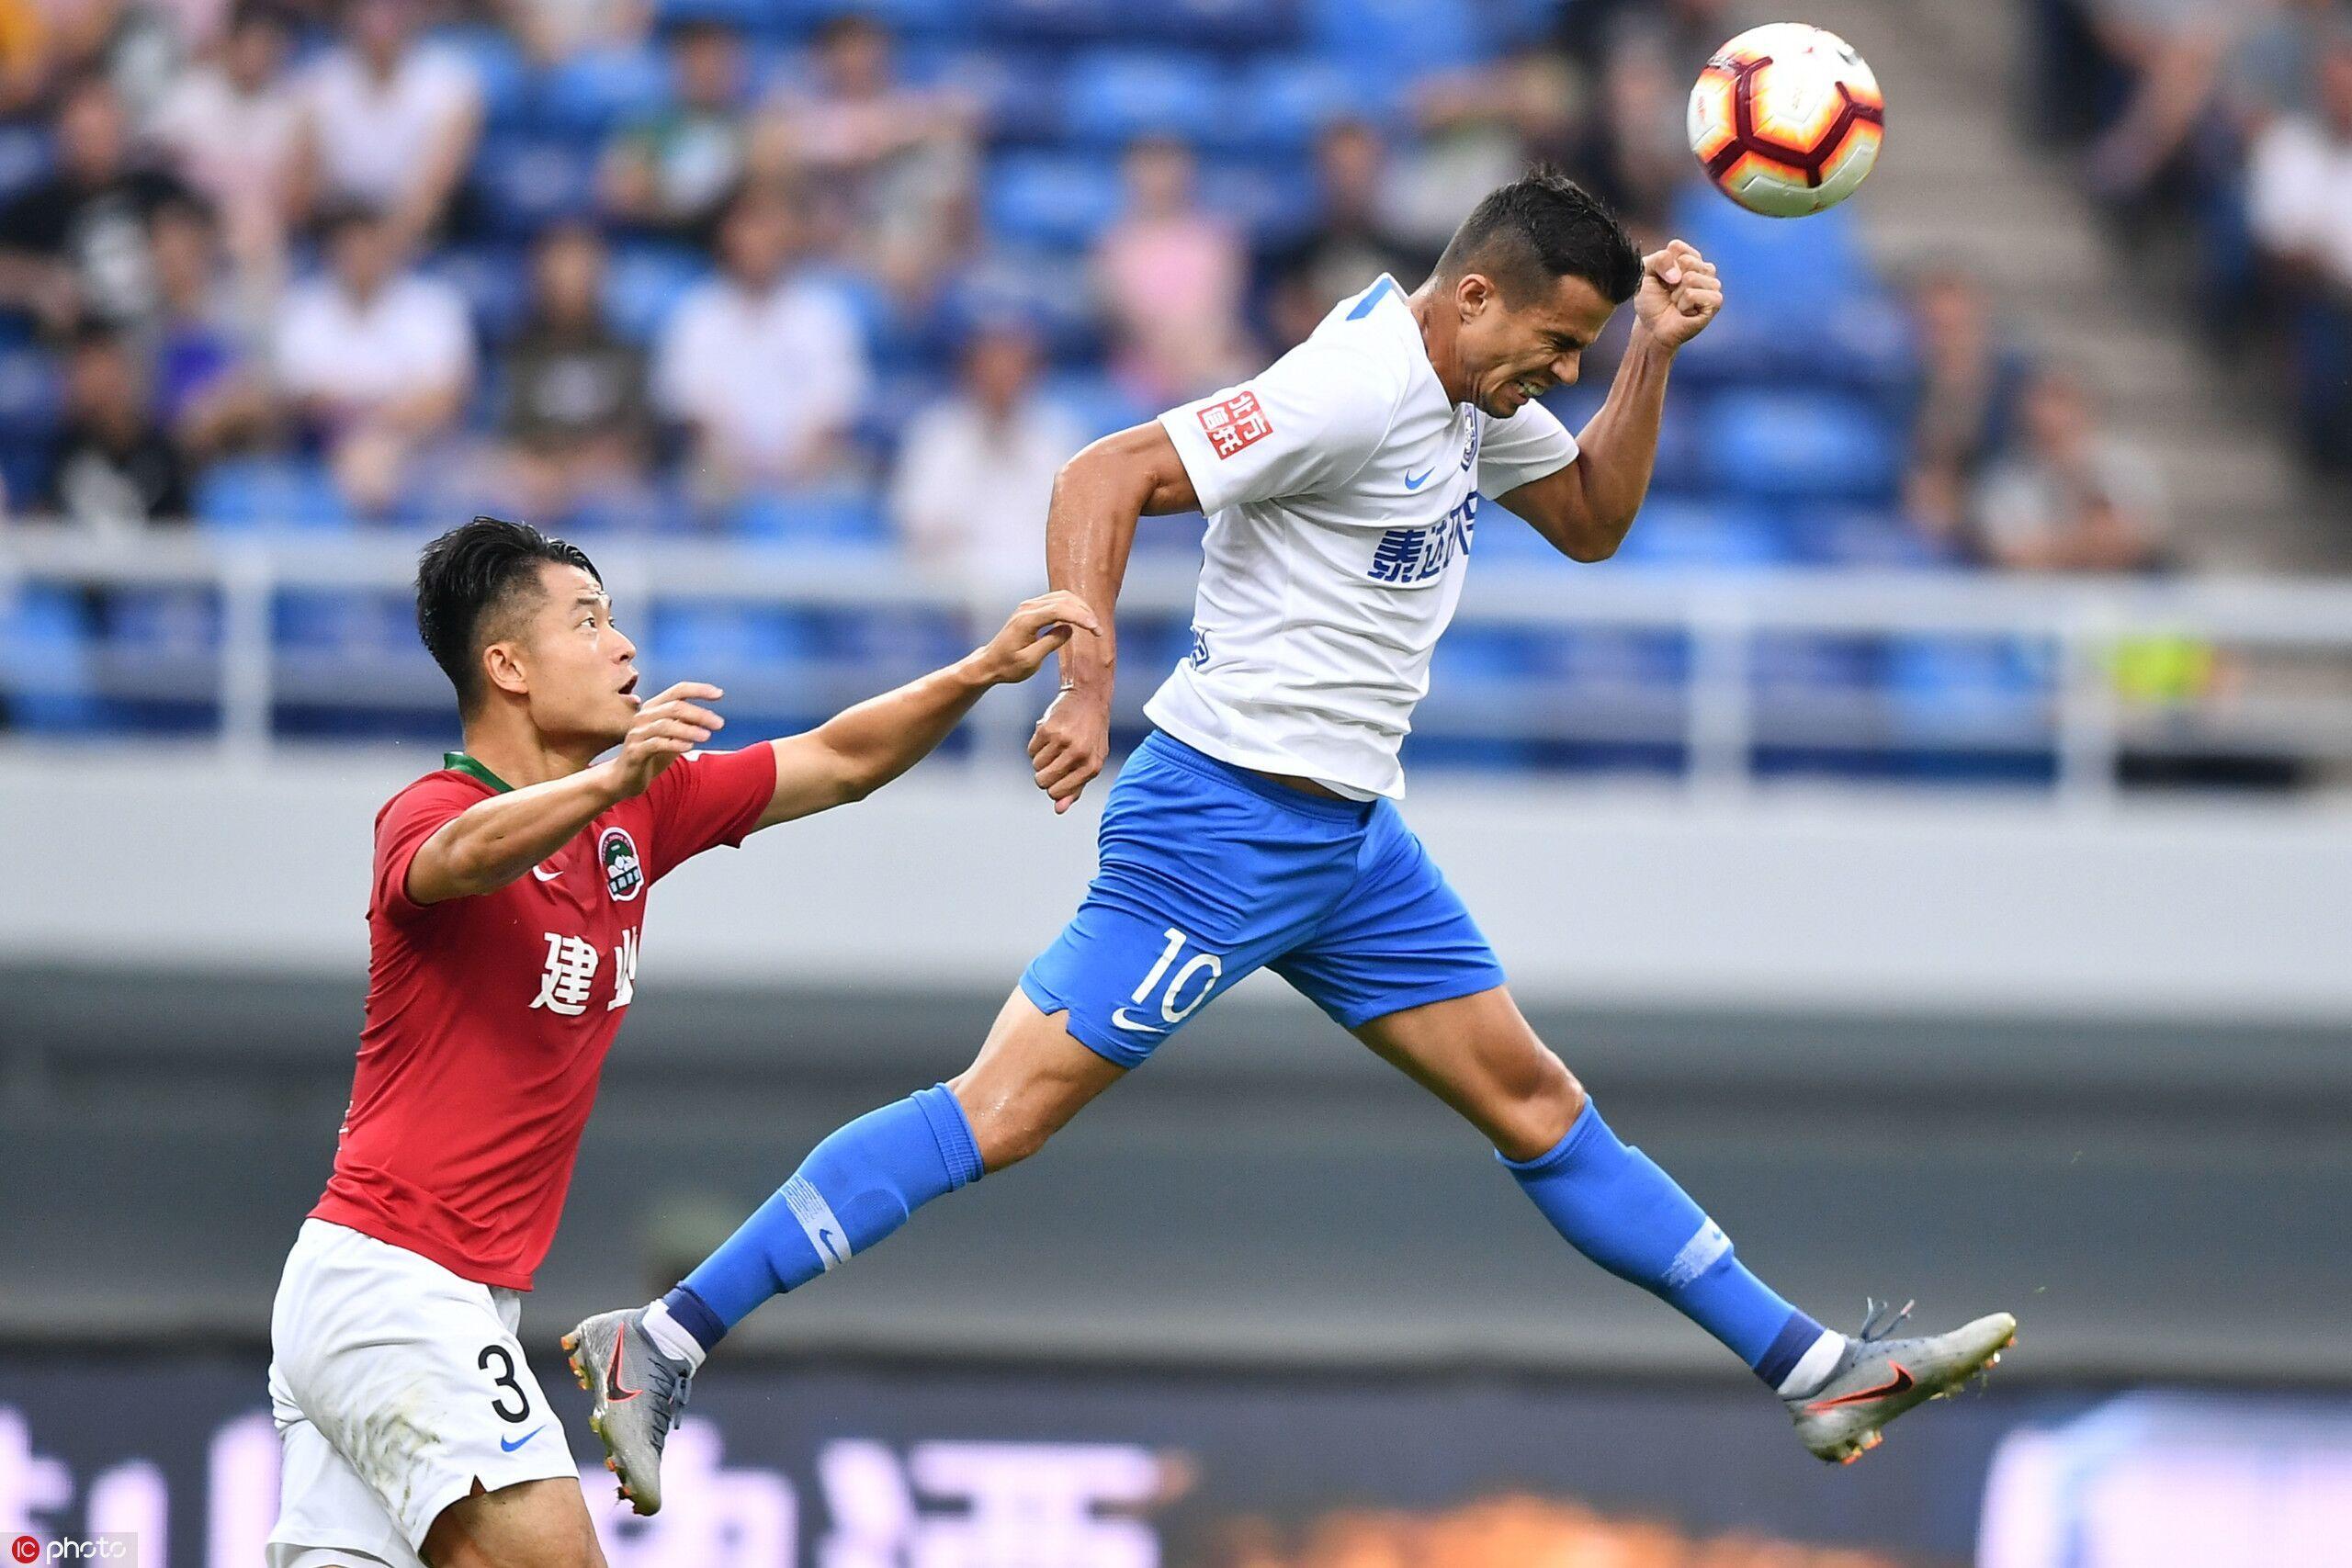 瓦格纳进球+染红吴䶮屡次神扑徒劳,泰达2-0建业